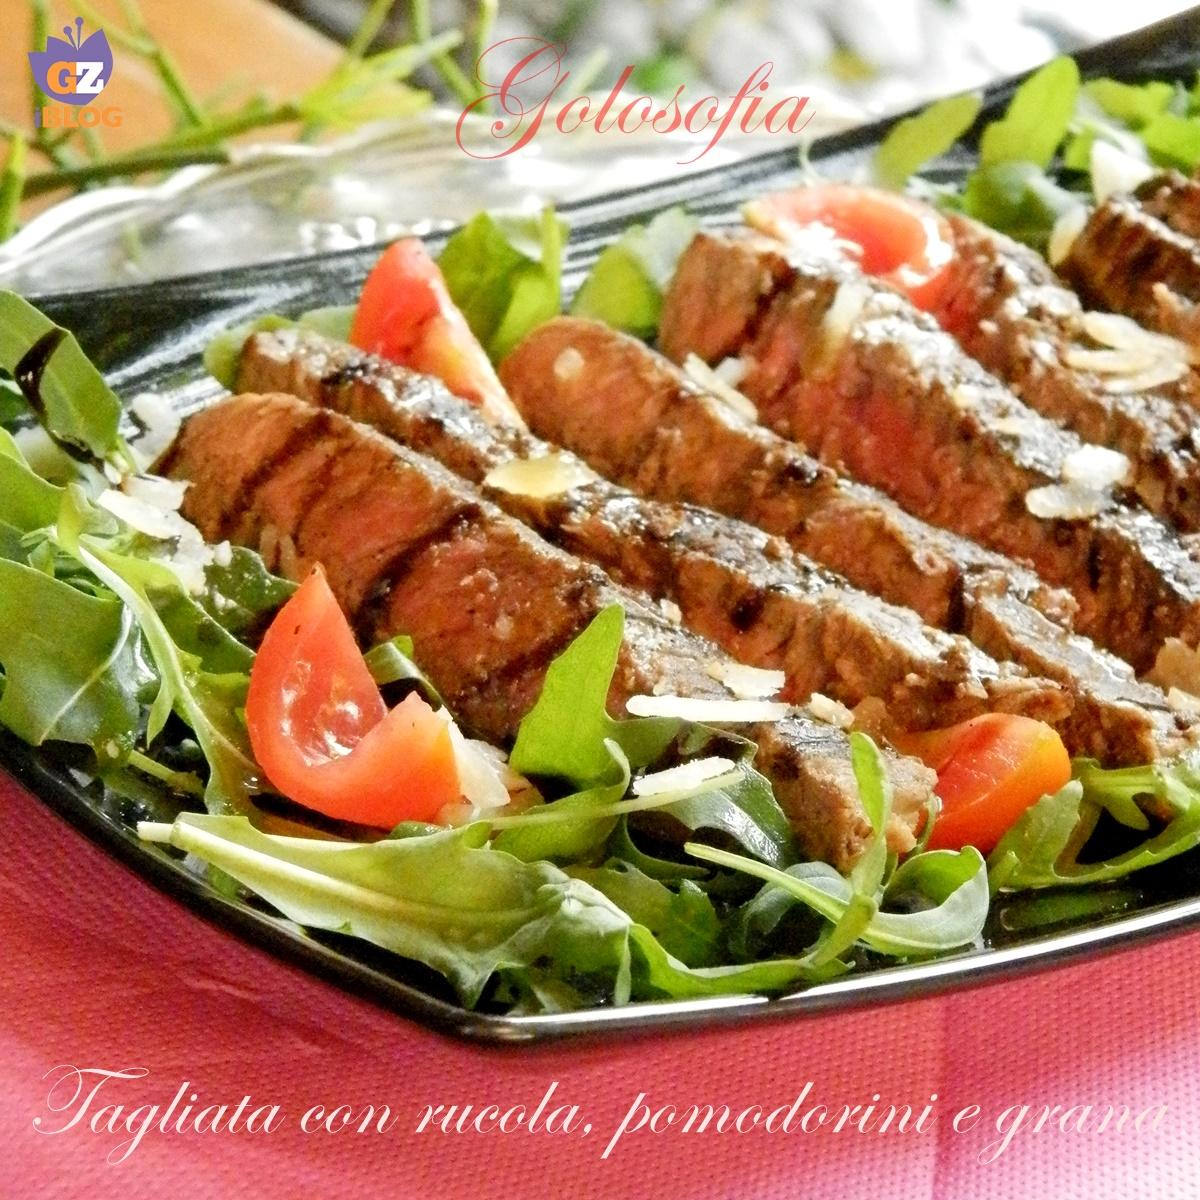 Tagliata con rucola pomodorini e grana ricetta veloce for Cucinare tagliata